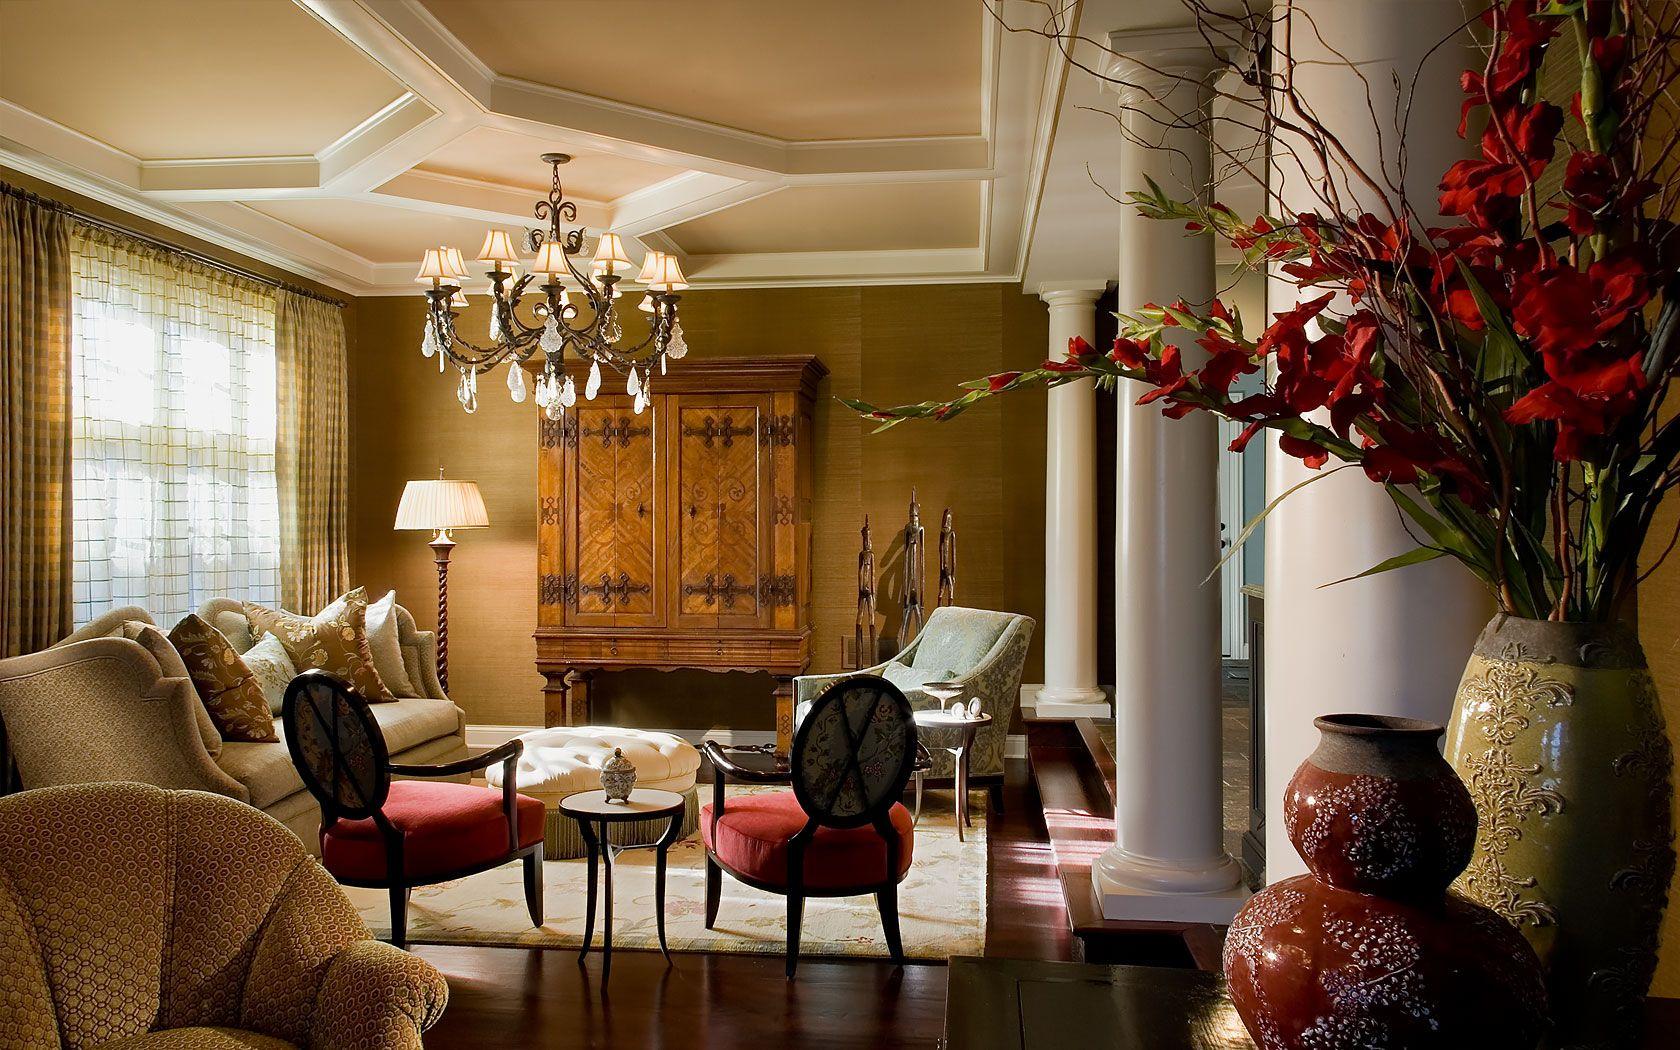 kaufman segal design interior design firm chicago boston los angeles miami aspen - Interior Design Firm Chicago